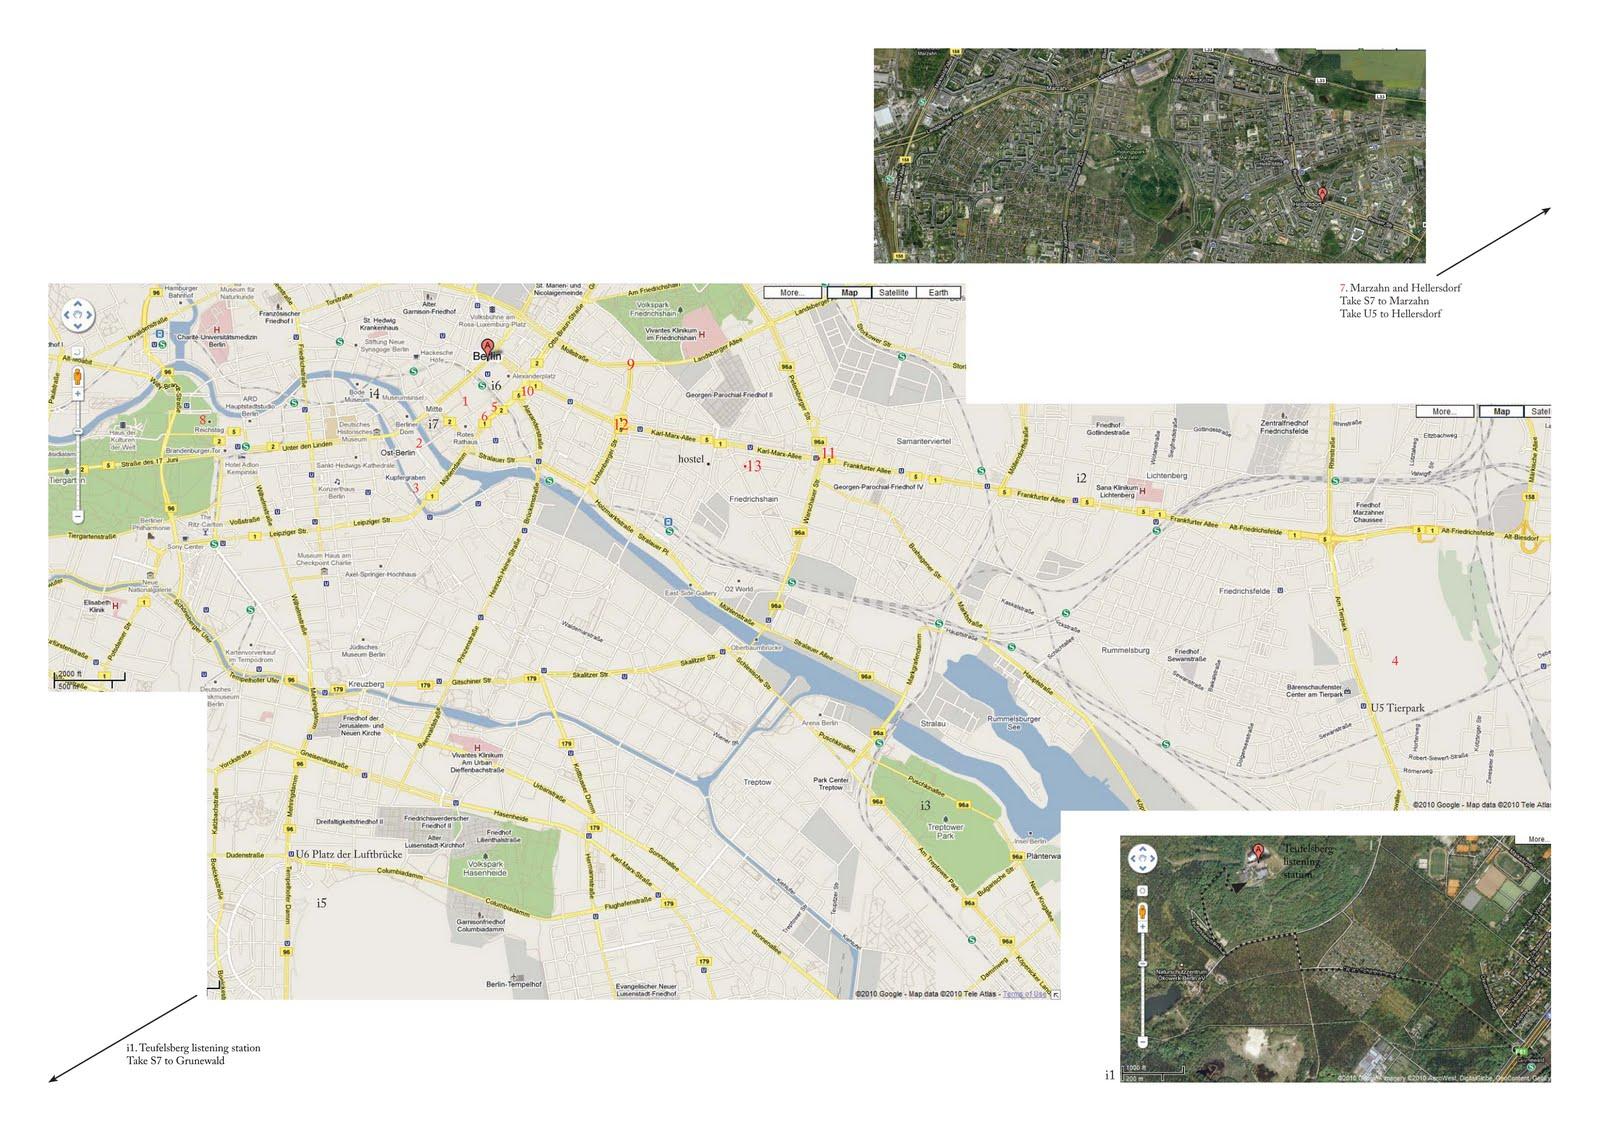 http://2.bp.blogspot.com/_JvpCtdvv3Zg/TK-J6-3tGII/AAAAAAAAAYE/BUJbwLGFIW4/s1600/100917_Map%2Bof%2BBerlin.jpg